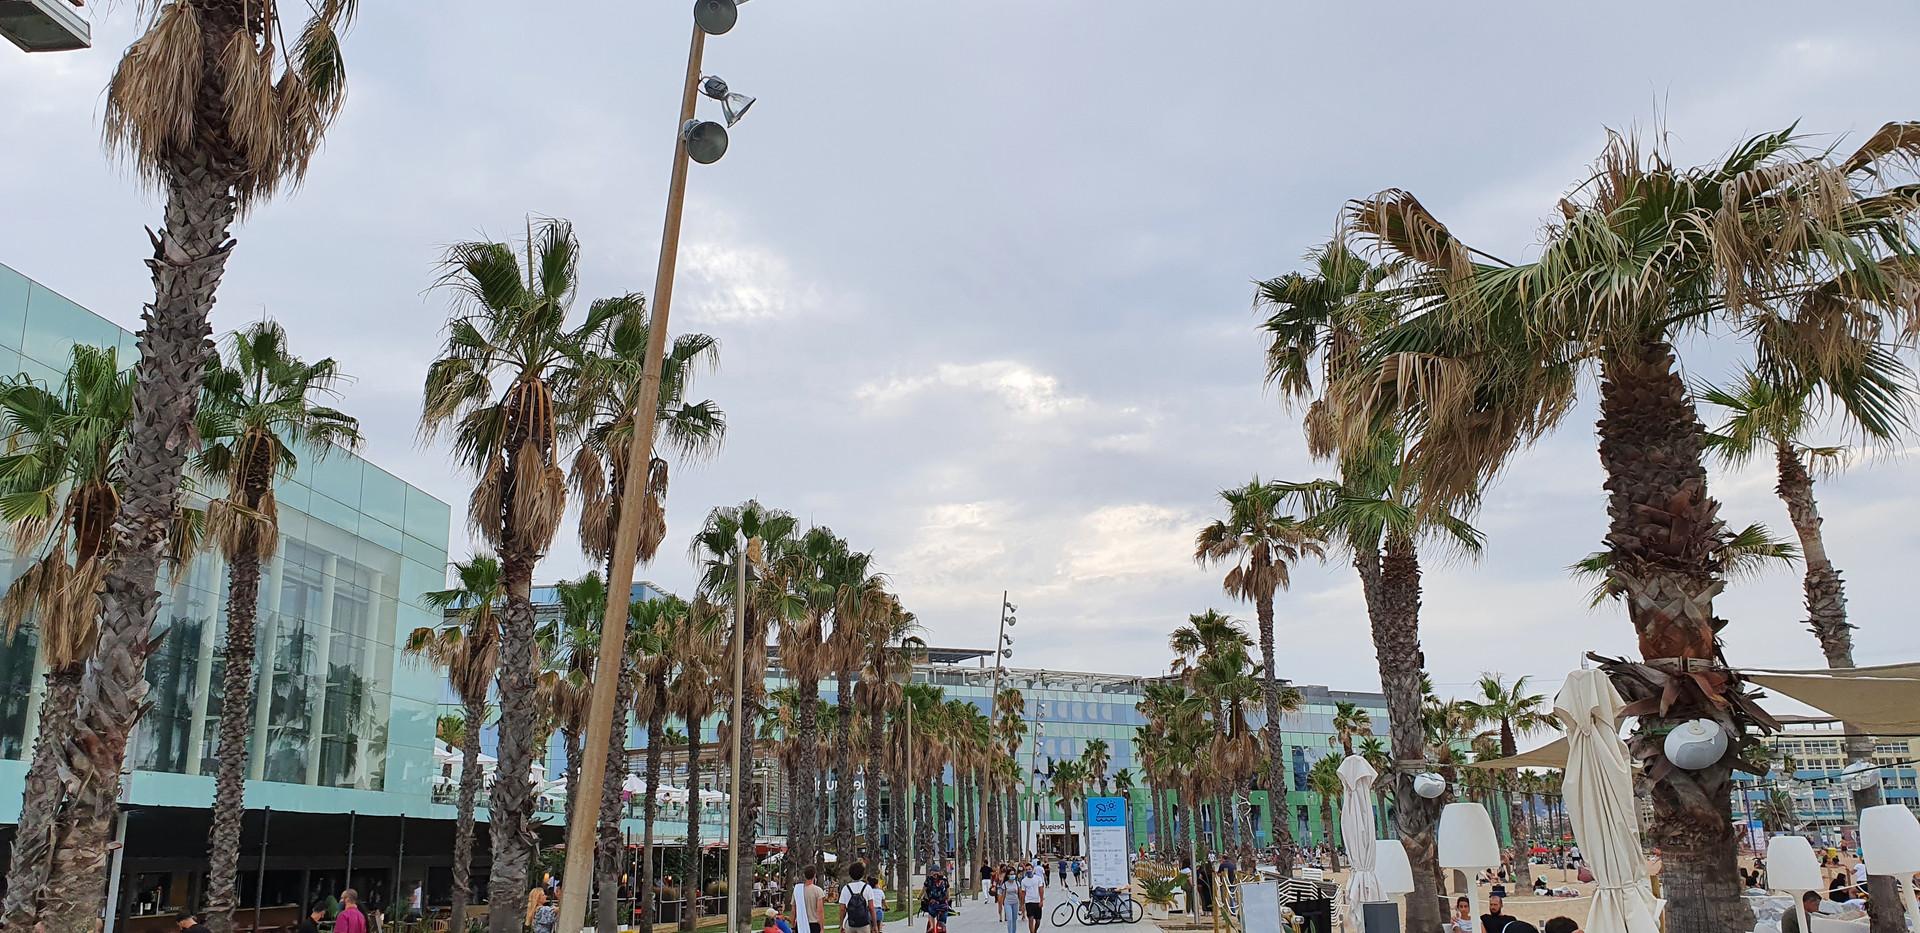 Promenade - gay Barcelona